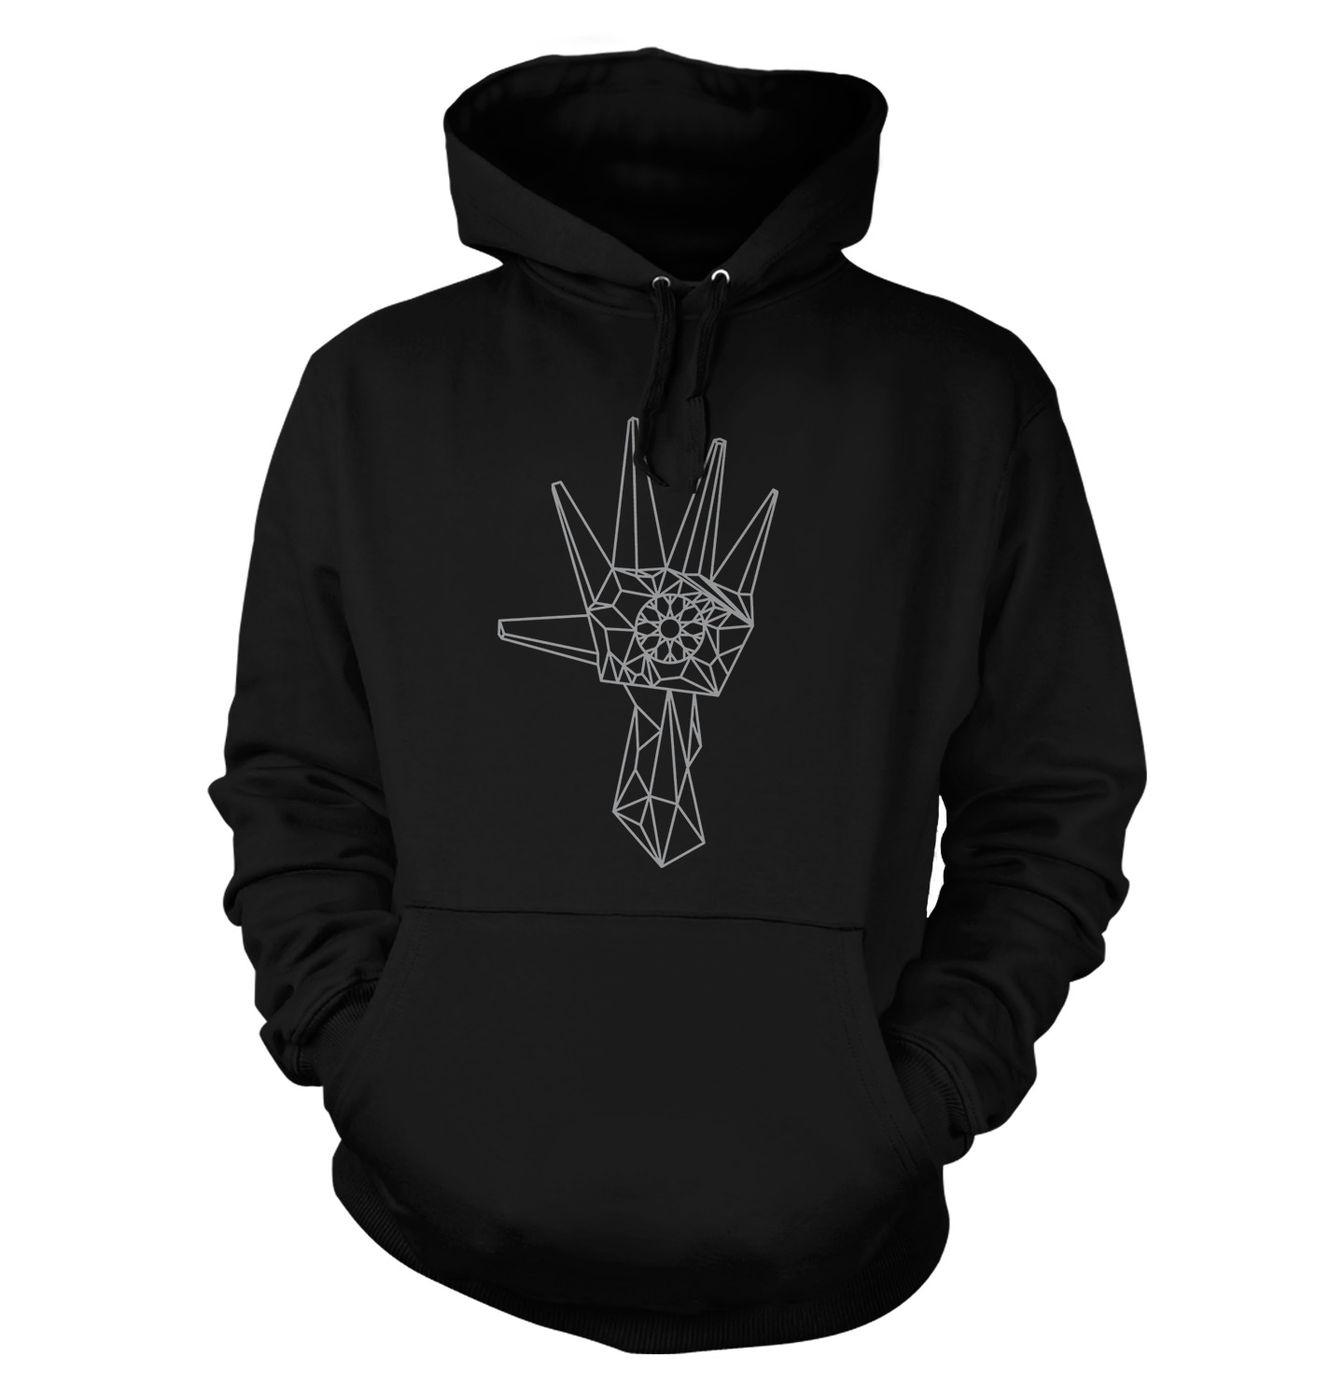 Logan's Hand hoodie by Something Geeky